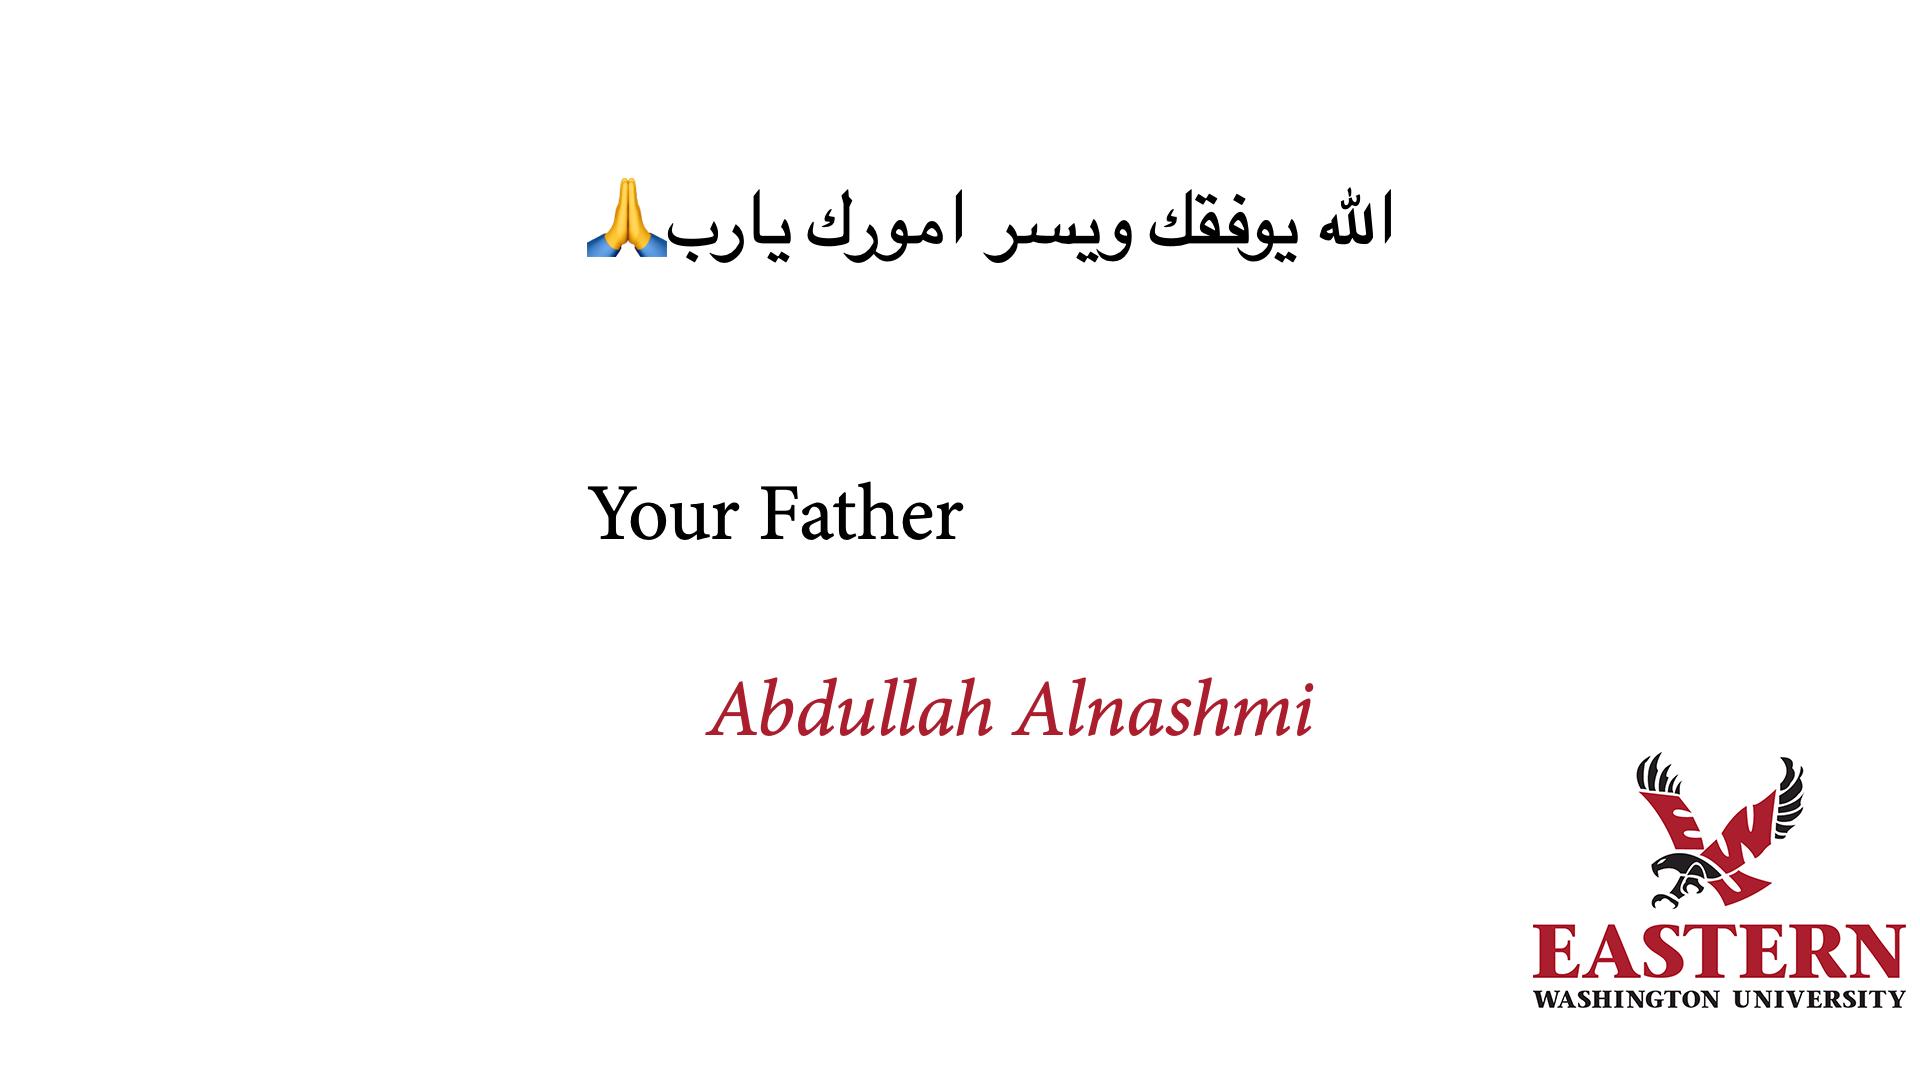 tbi_abdulraouf-abdullah-h-alnashmi_9402.png